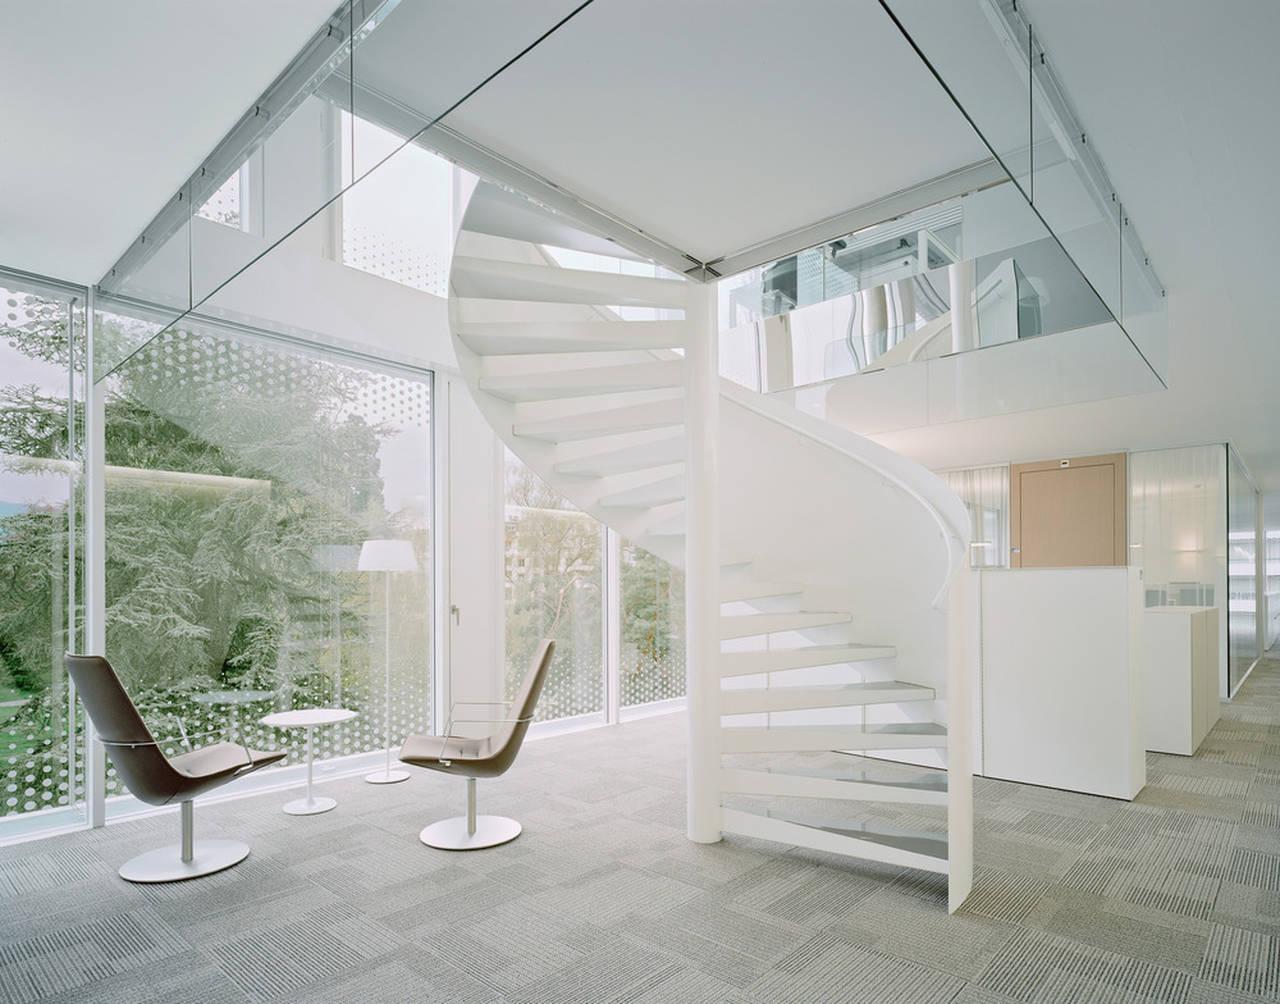 Spiral Stairs promote Internal Communication World Trade Organization in Genève, Switzerland by Wittfoht Architekten : Photo credit © Brigida González